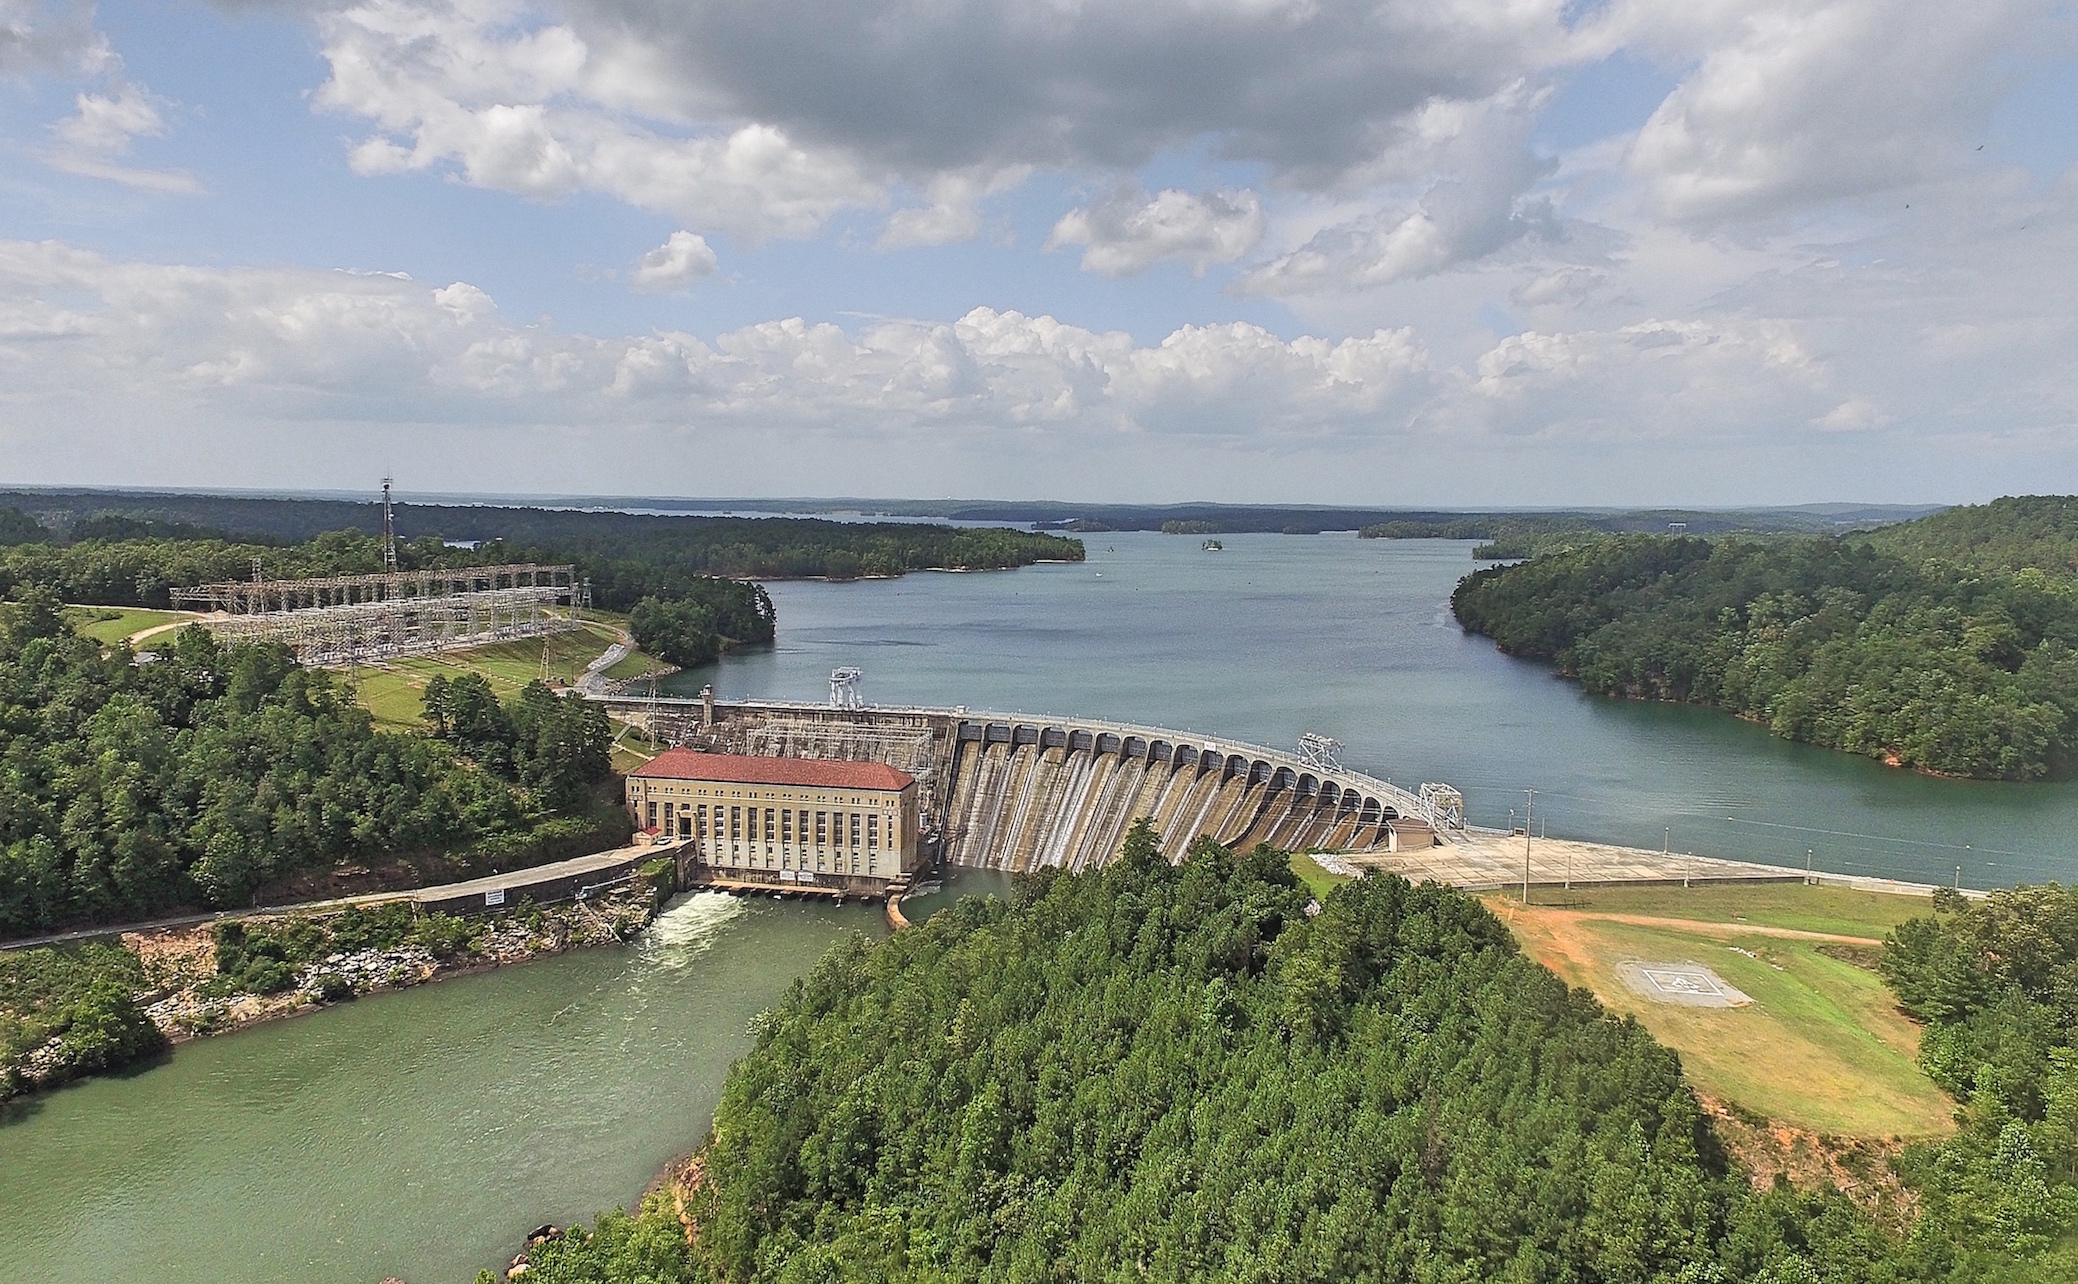 Lake-Martin-Dam-edited.jpg